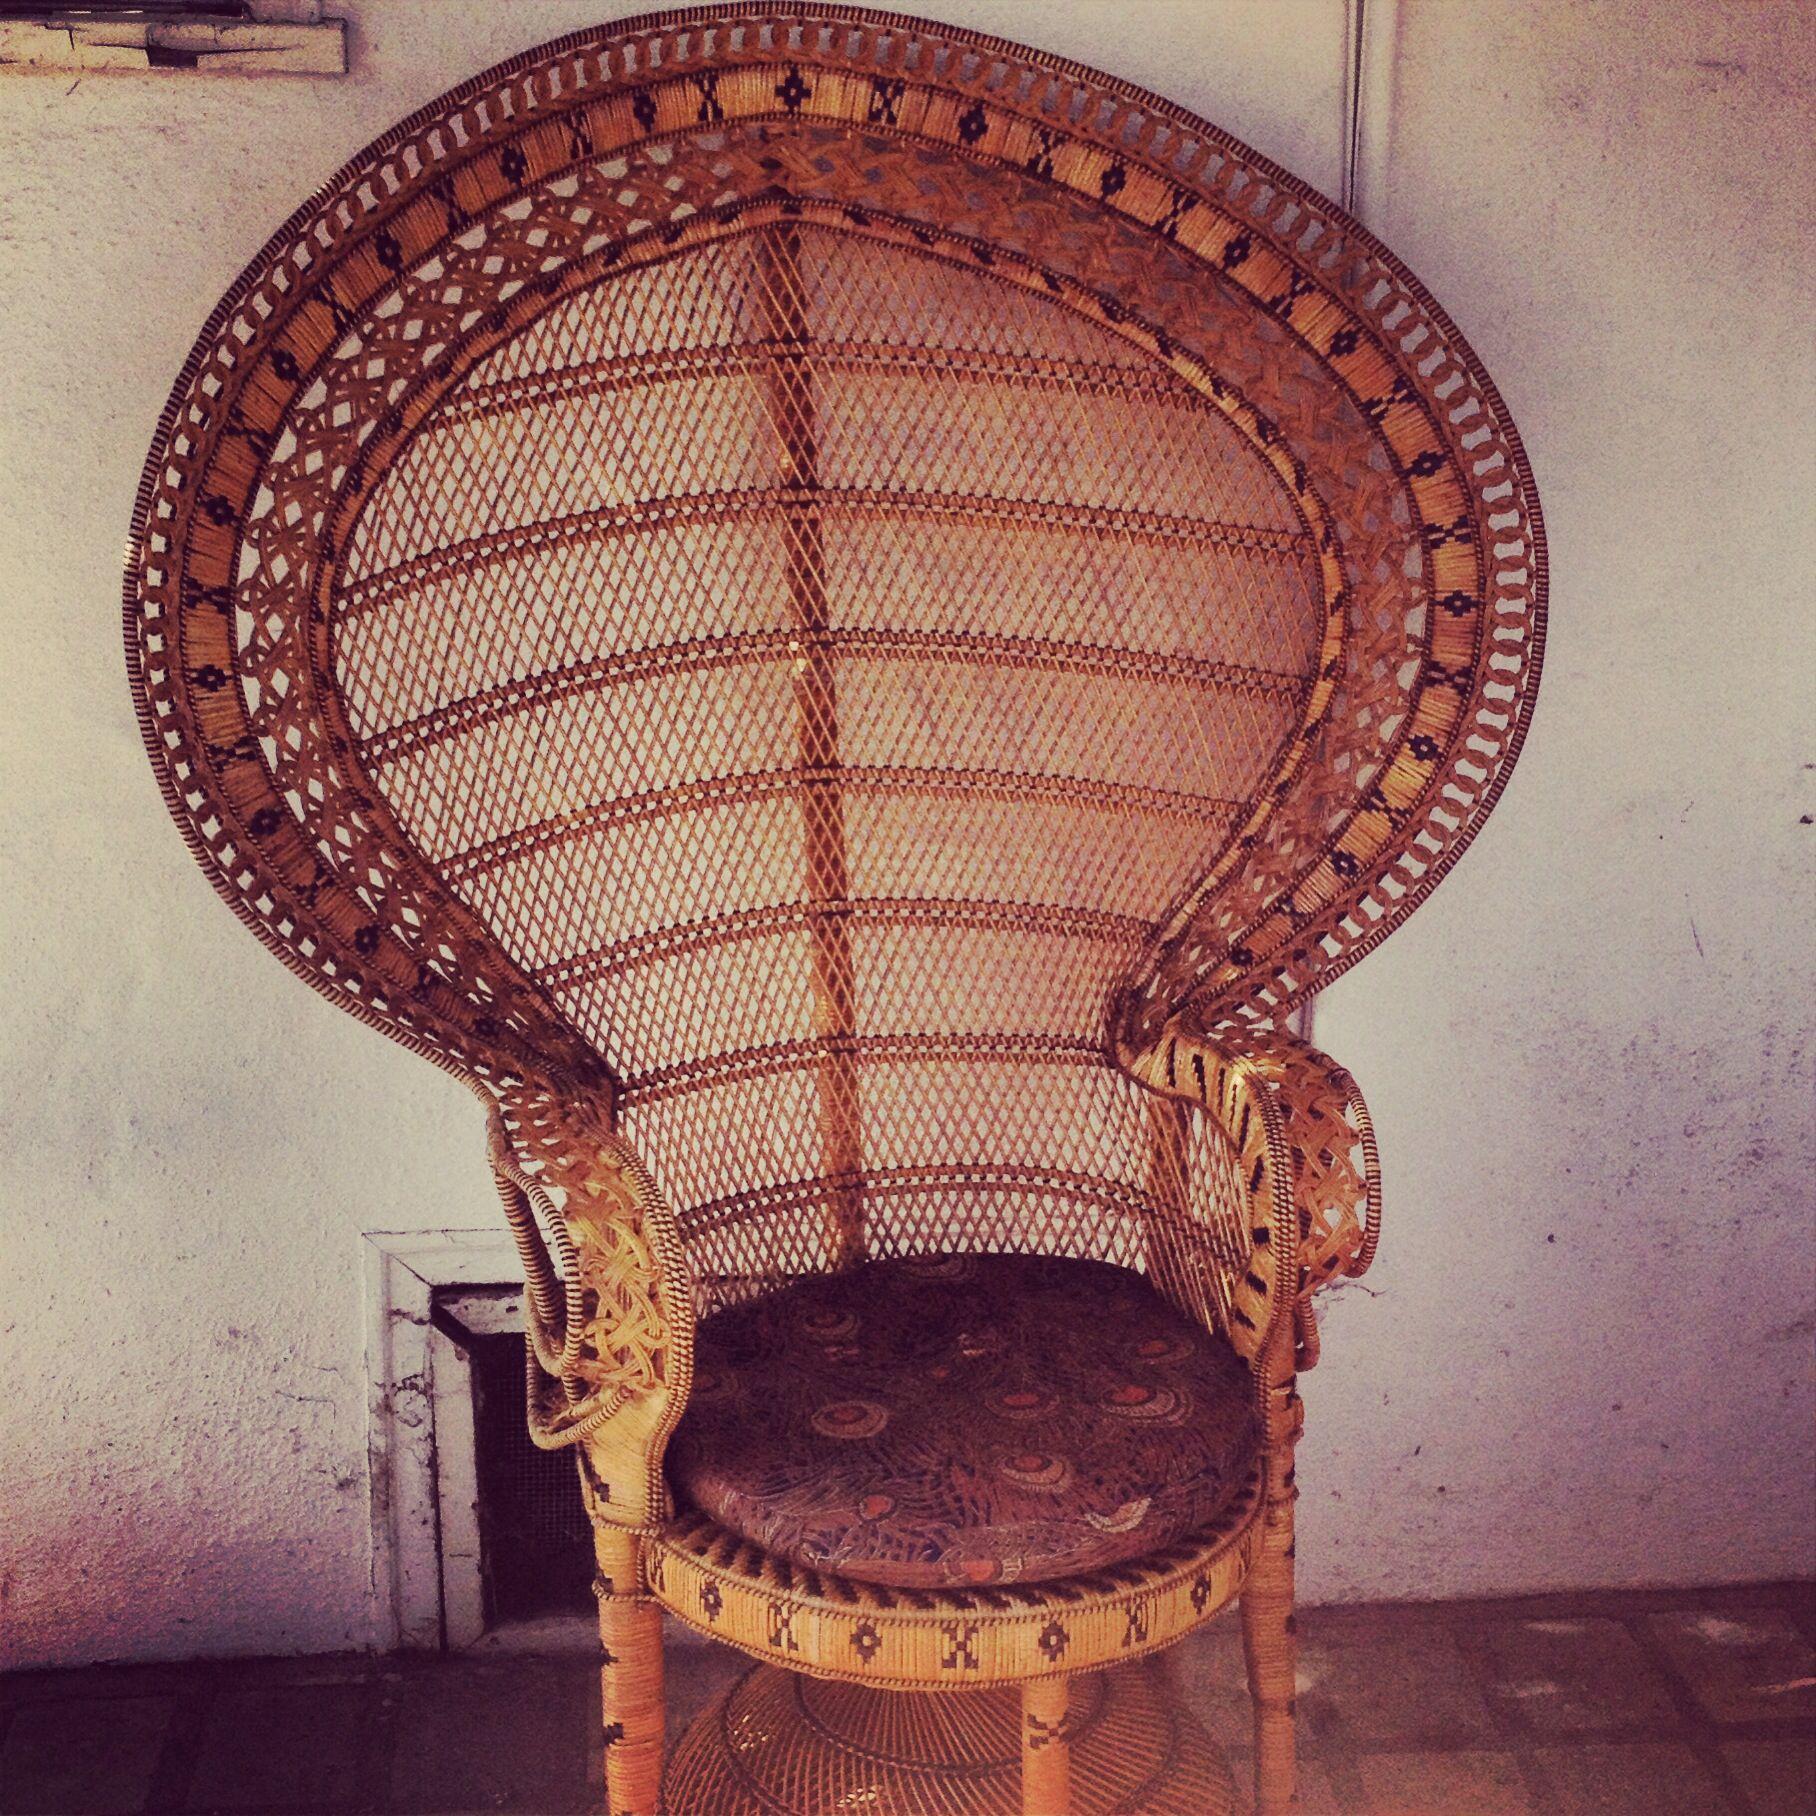 Charming My Very Own Wicker Fan Chair!!! ❤️